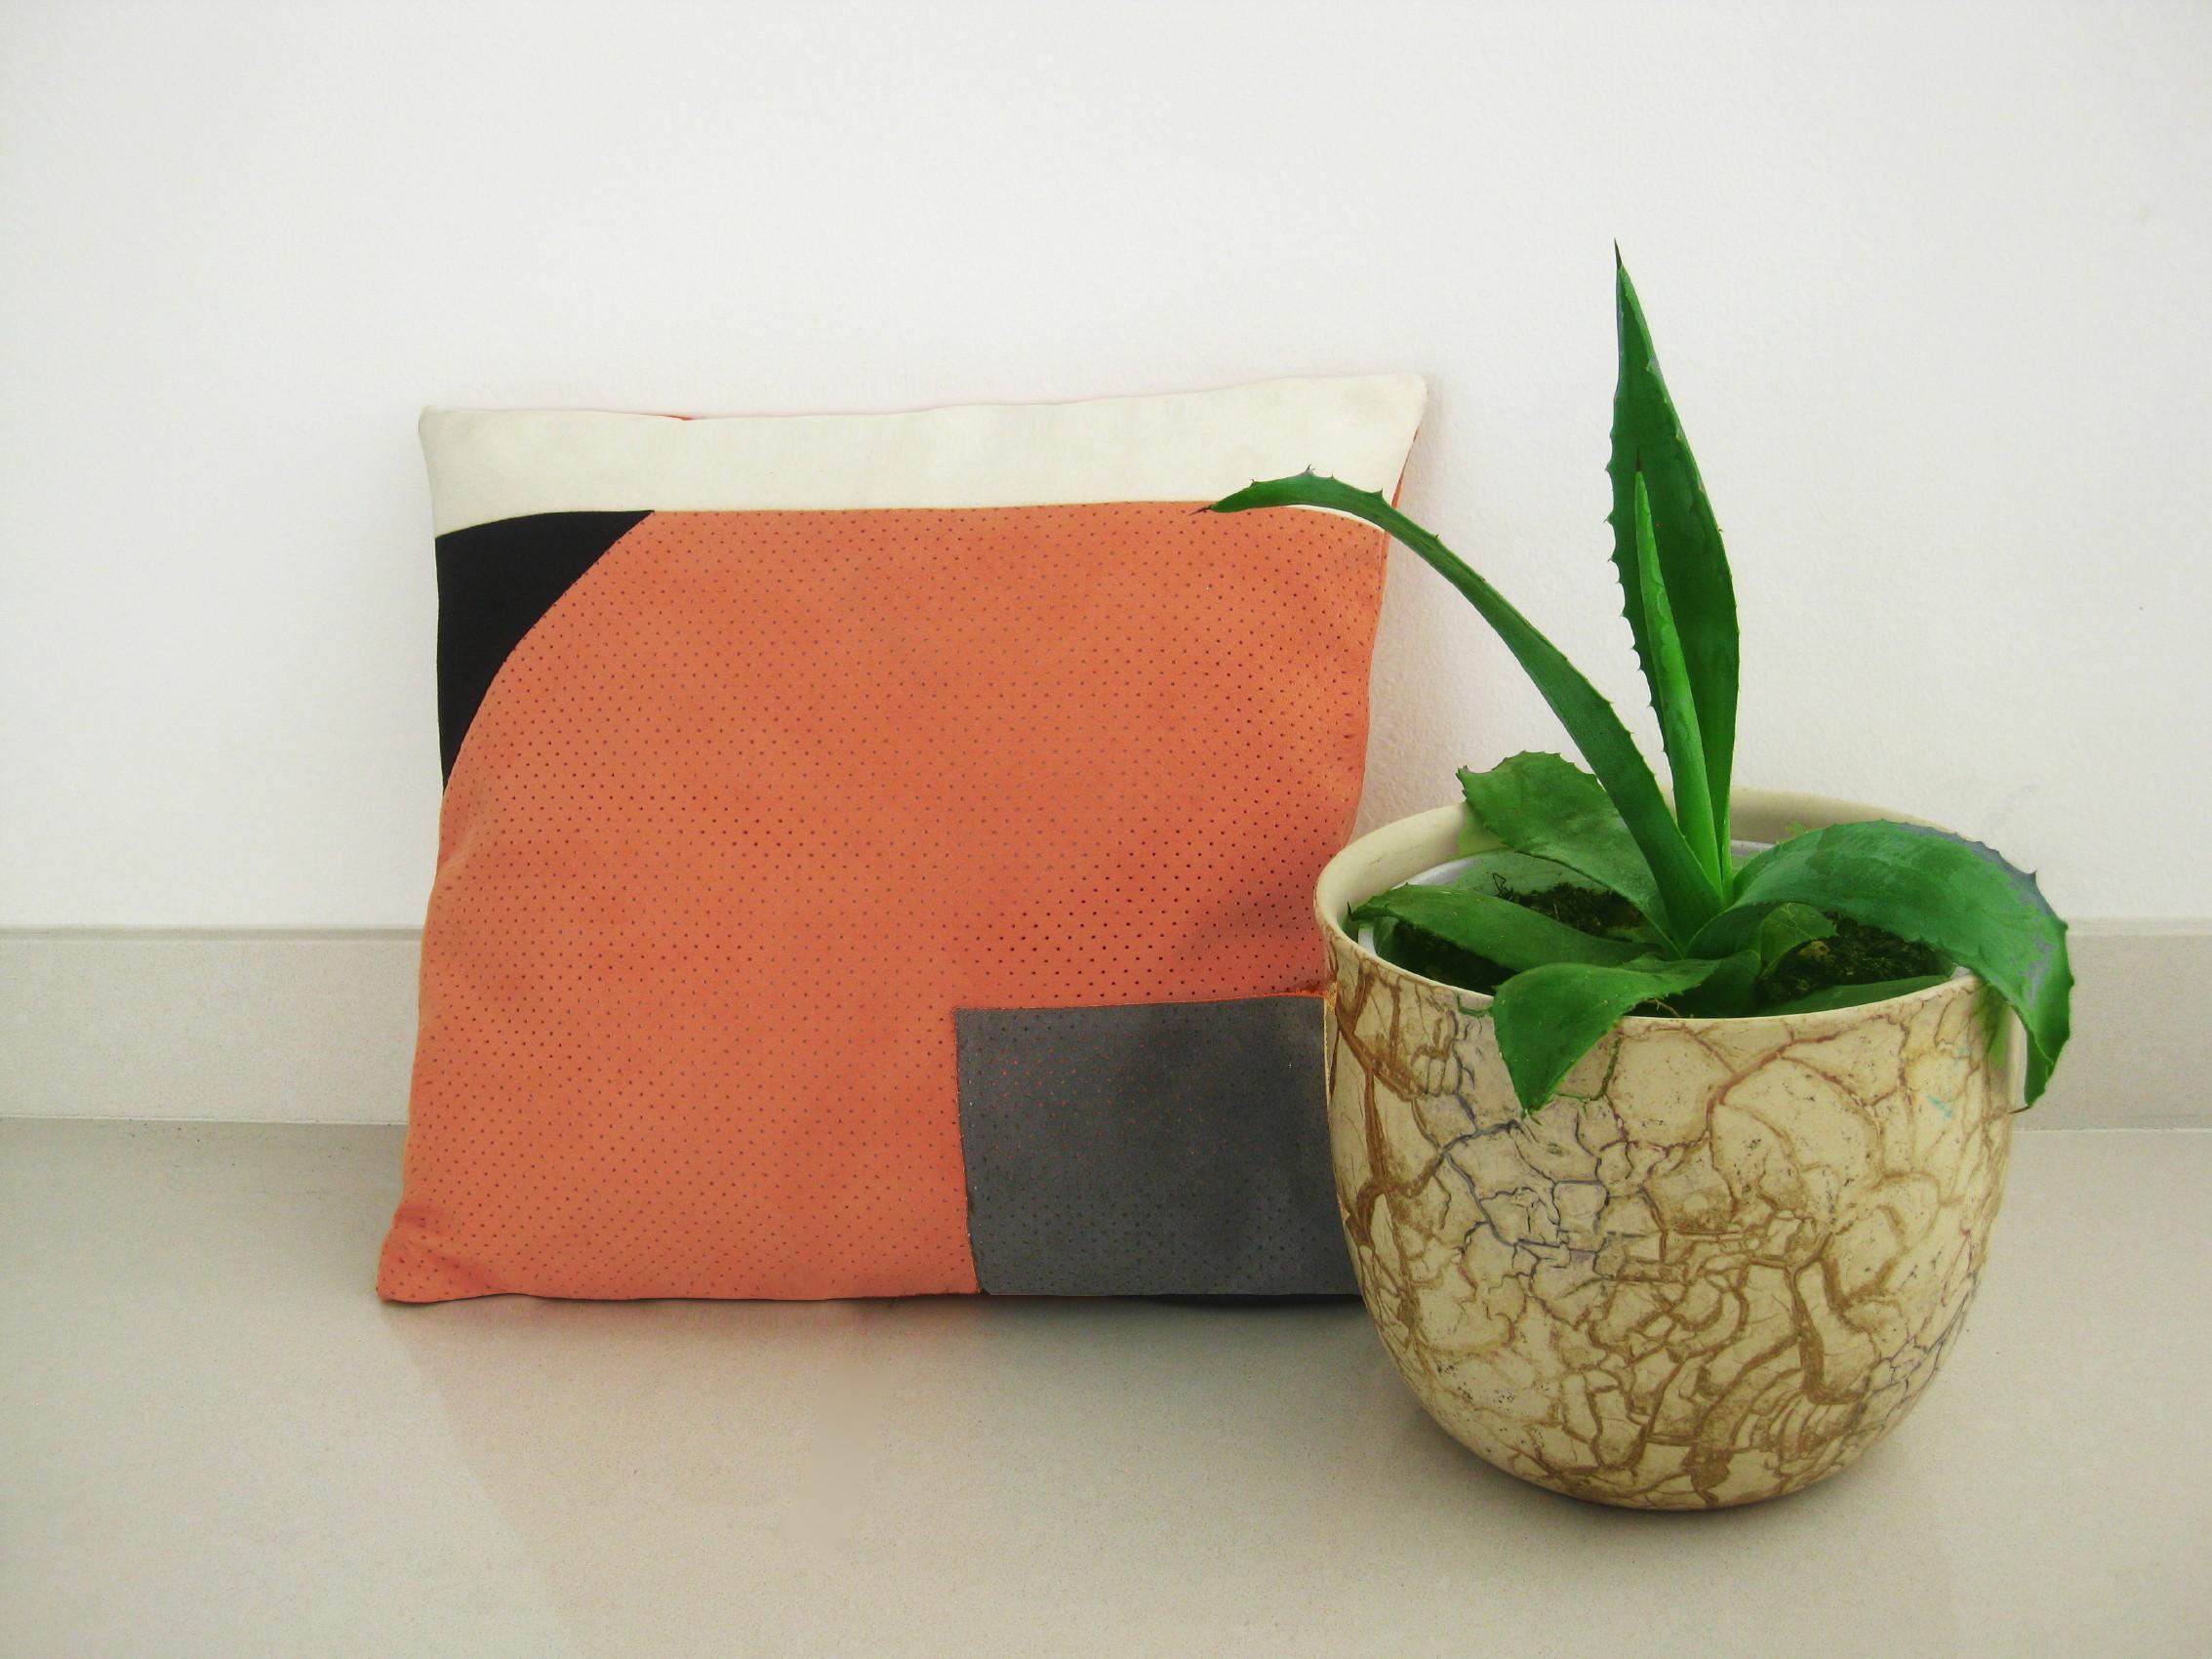 nova-linija-decora-kolekcija-jastuka-modne dizajnerice-marine-prevolsek-13